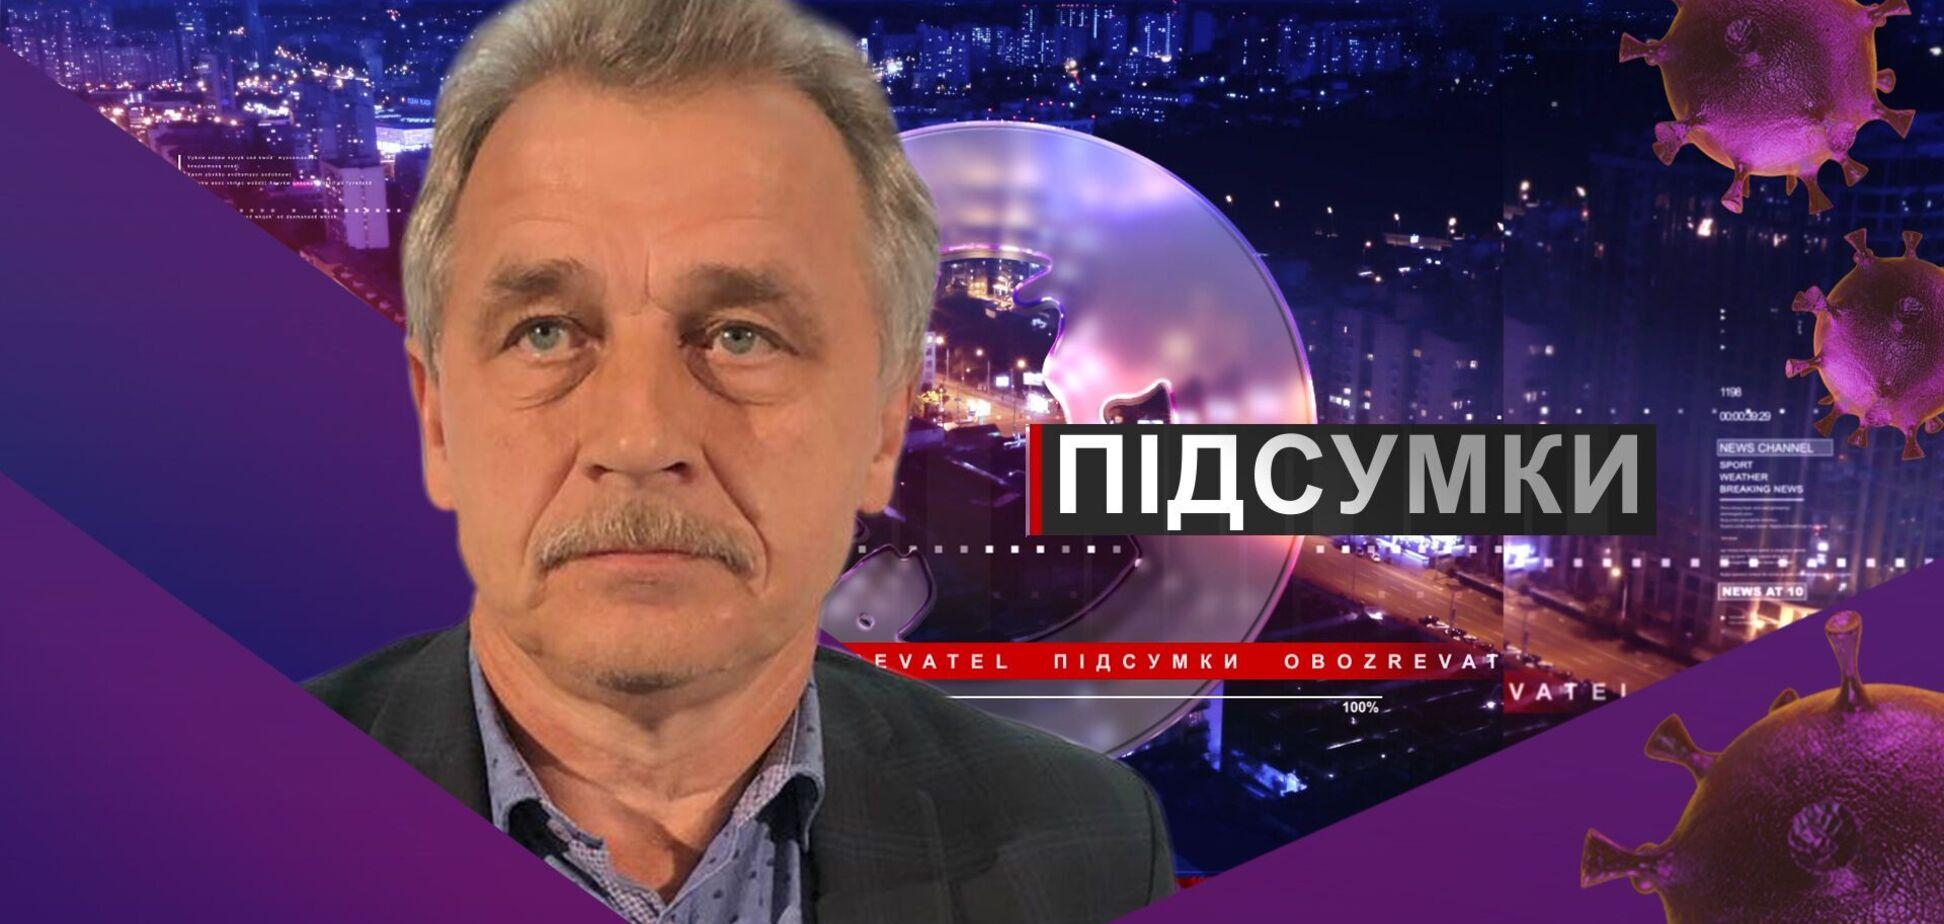 У Лукашенко дефолт, он нервничает и проигрывает, - оппозиционер